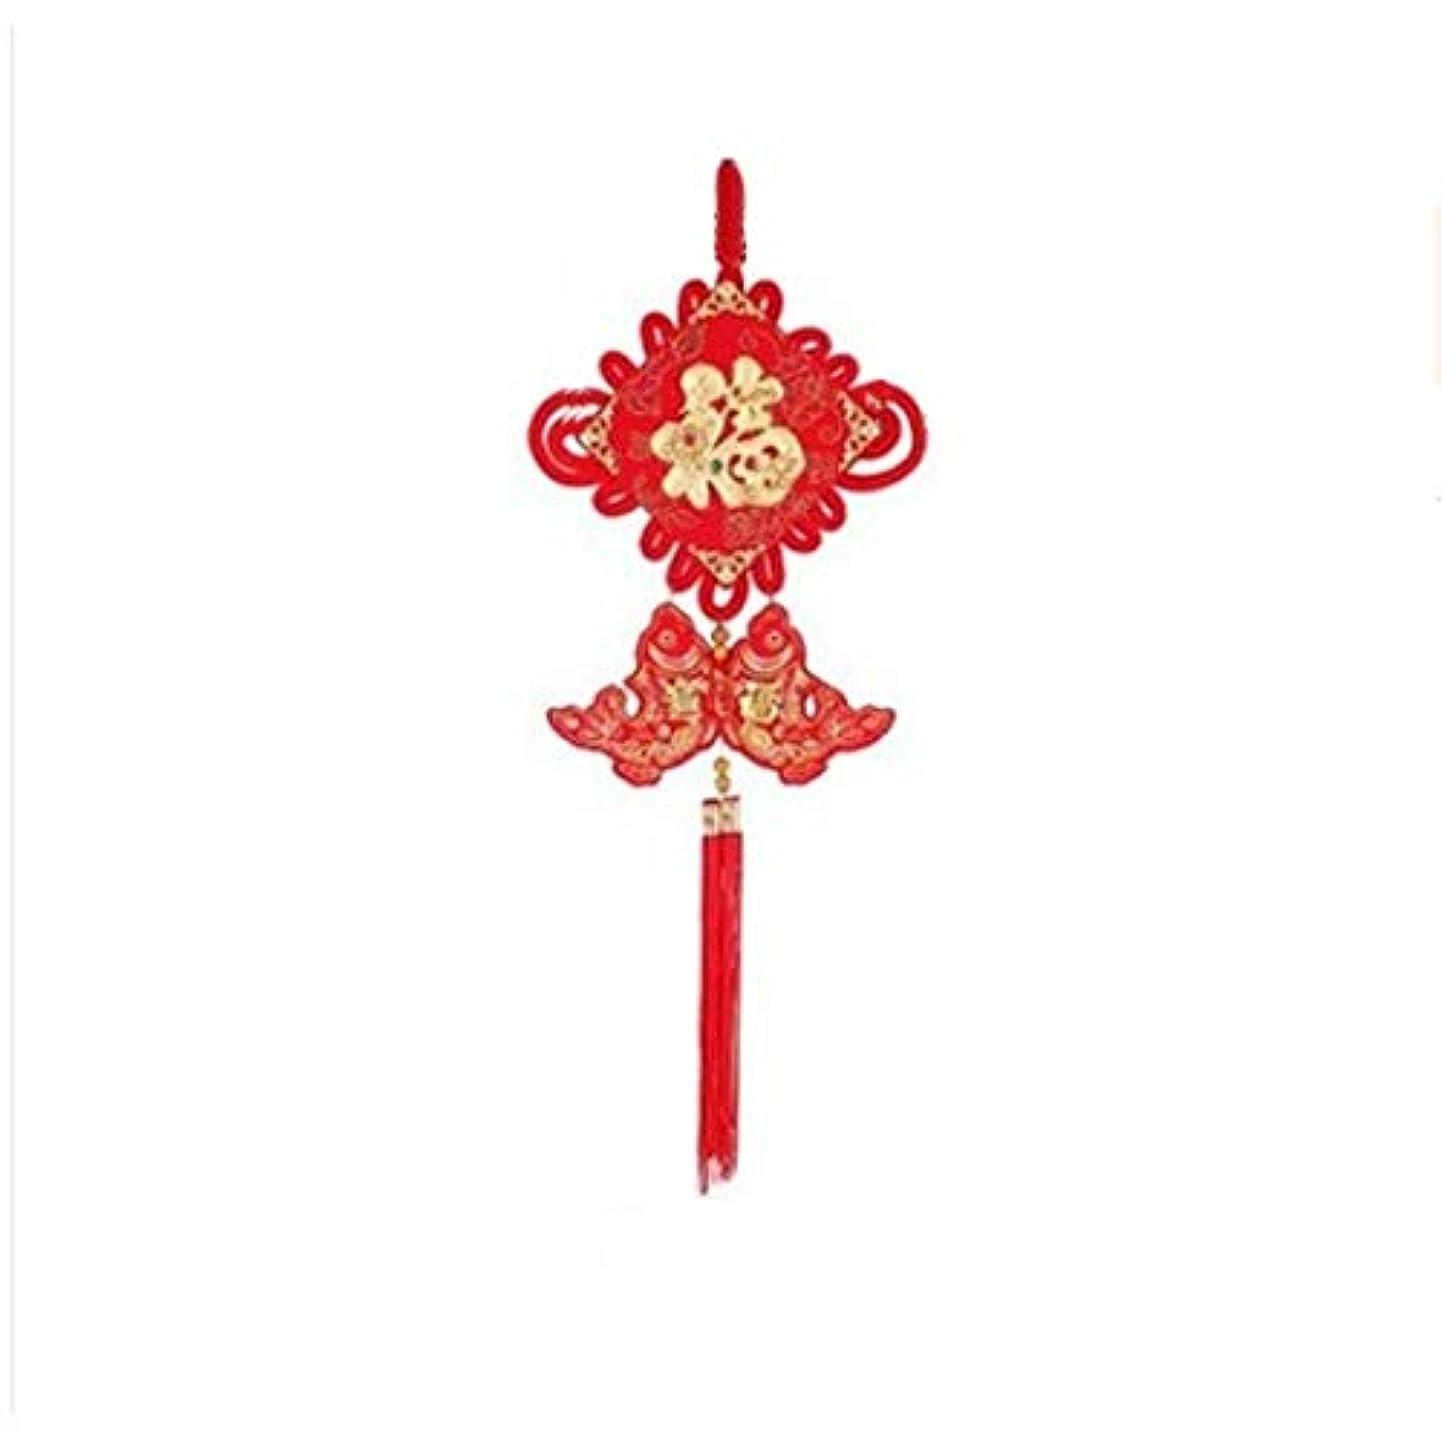 ずらす栄光起訴するYougou01 高品位の赤の祝福中国の結び目、中国の新年ぶら下げ装飾品、ギフト、家の装飾、赤 、創造的な装飾 (Size : 80cm)